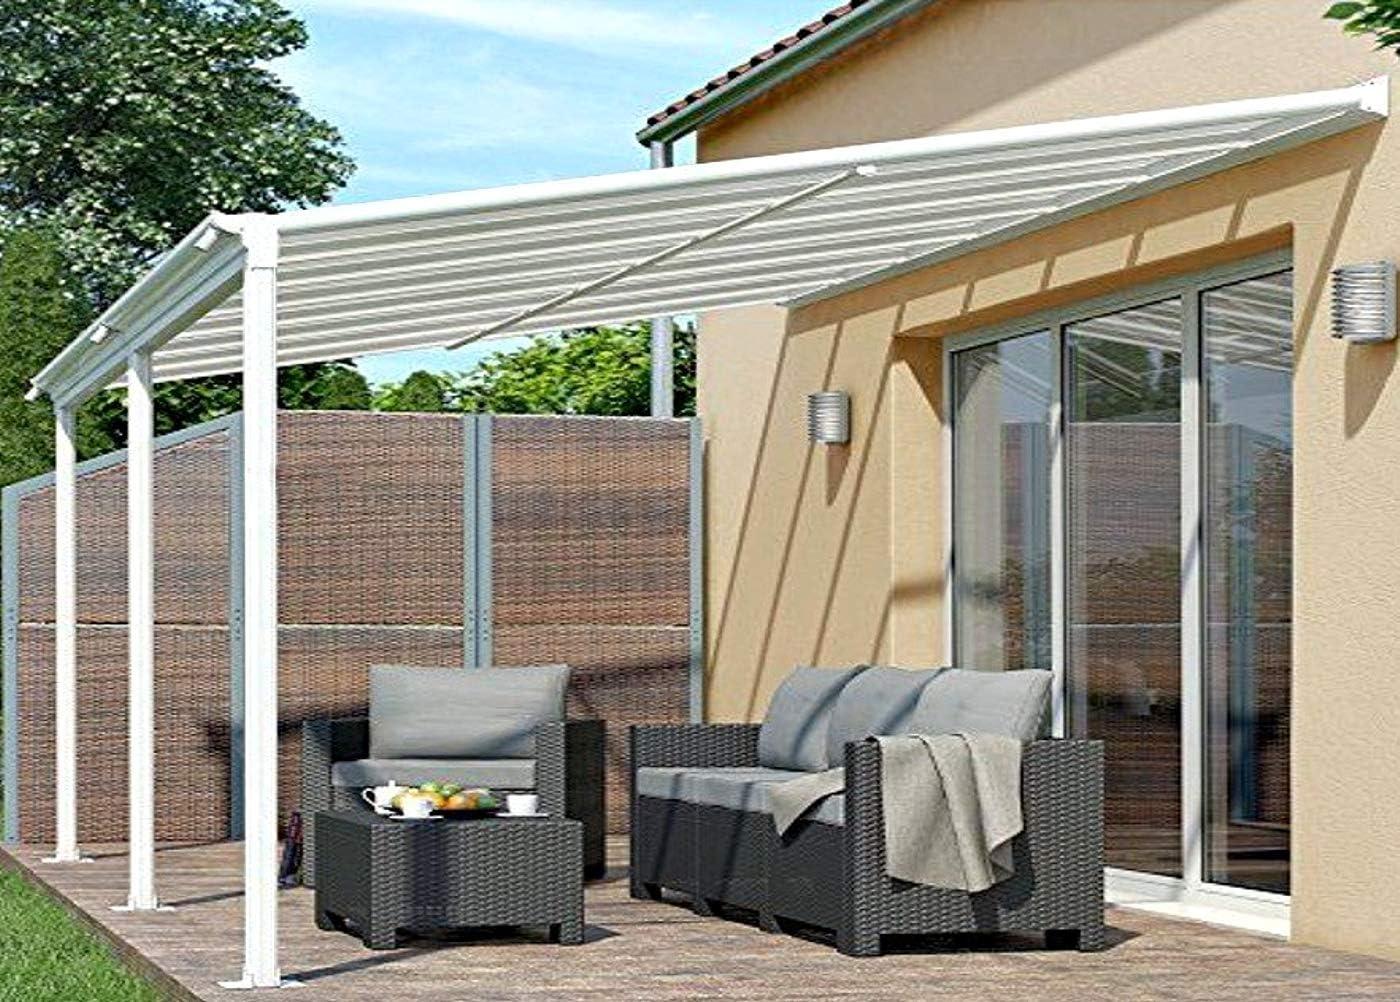 osoltus - Cubierta de aluminio para terraza, color blanco: Amazon.es: Jardín